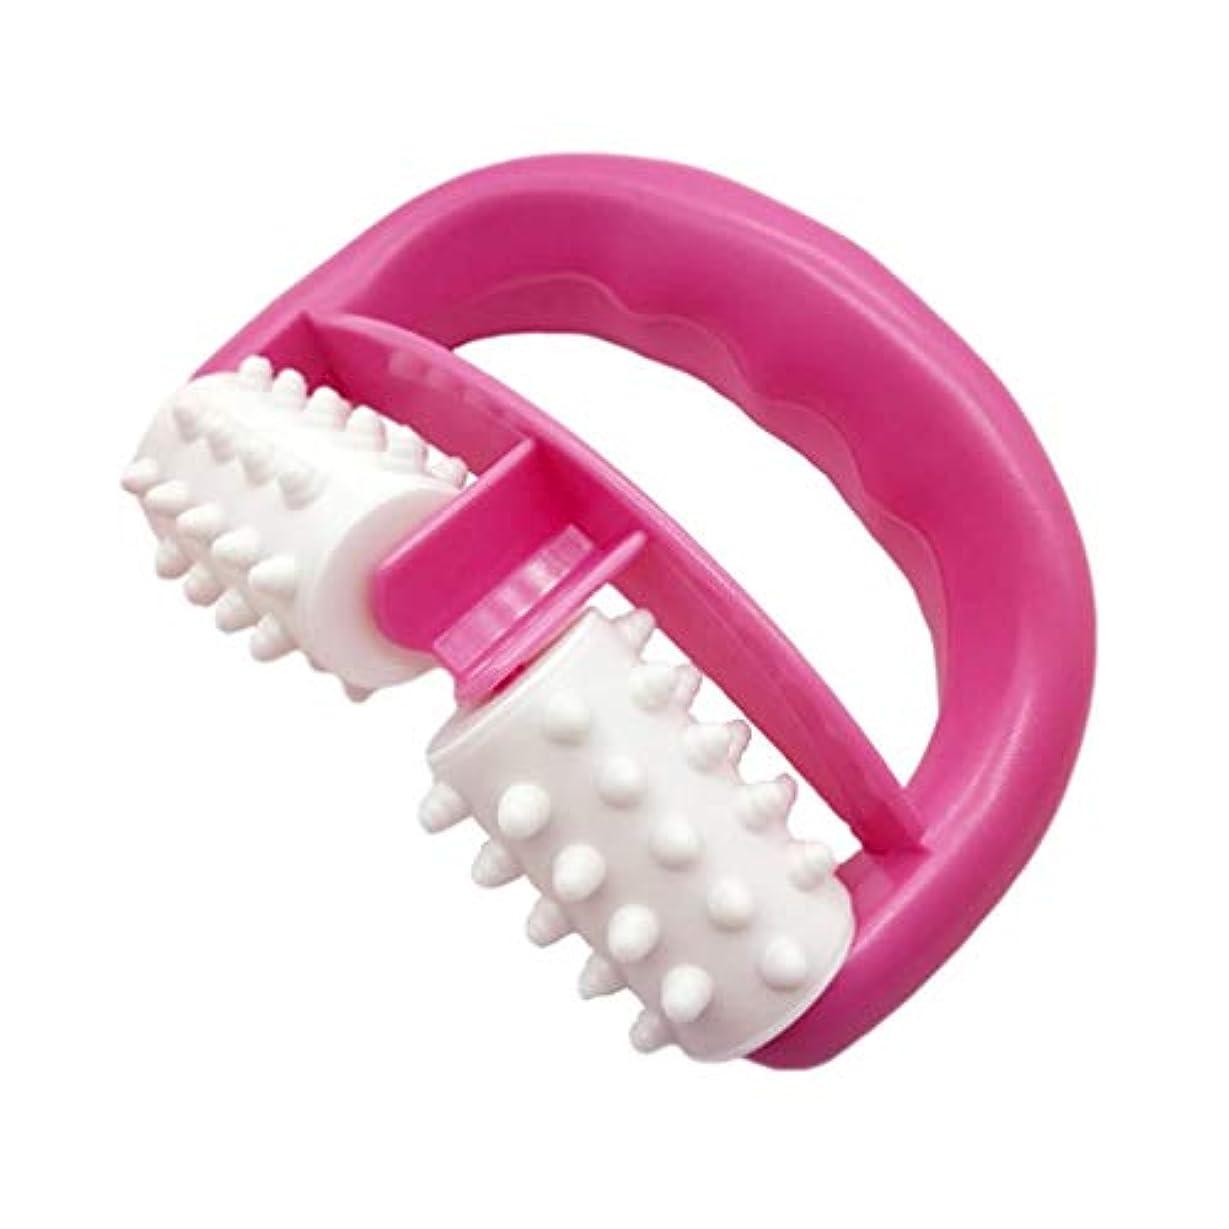 おばさん膨張する蛇行ローラーマッサージャー - マニュアルローラーマッサージャー/マッサージ?完璧な体験を提供します。ピンク